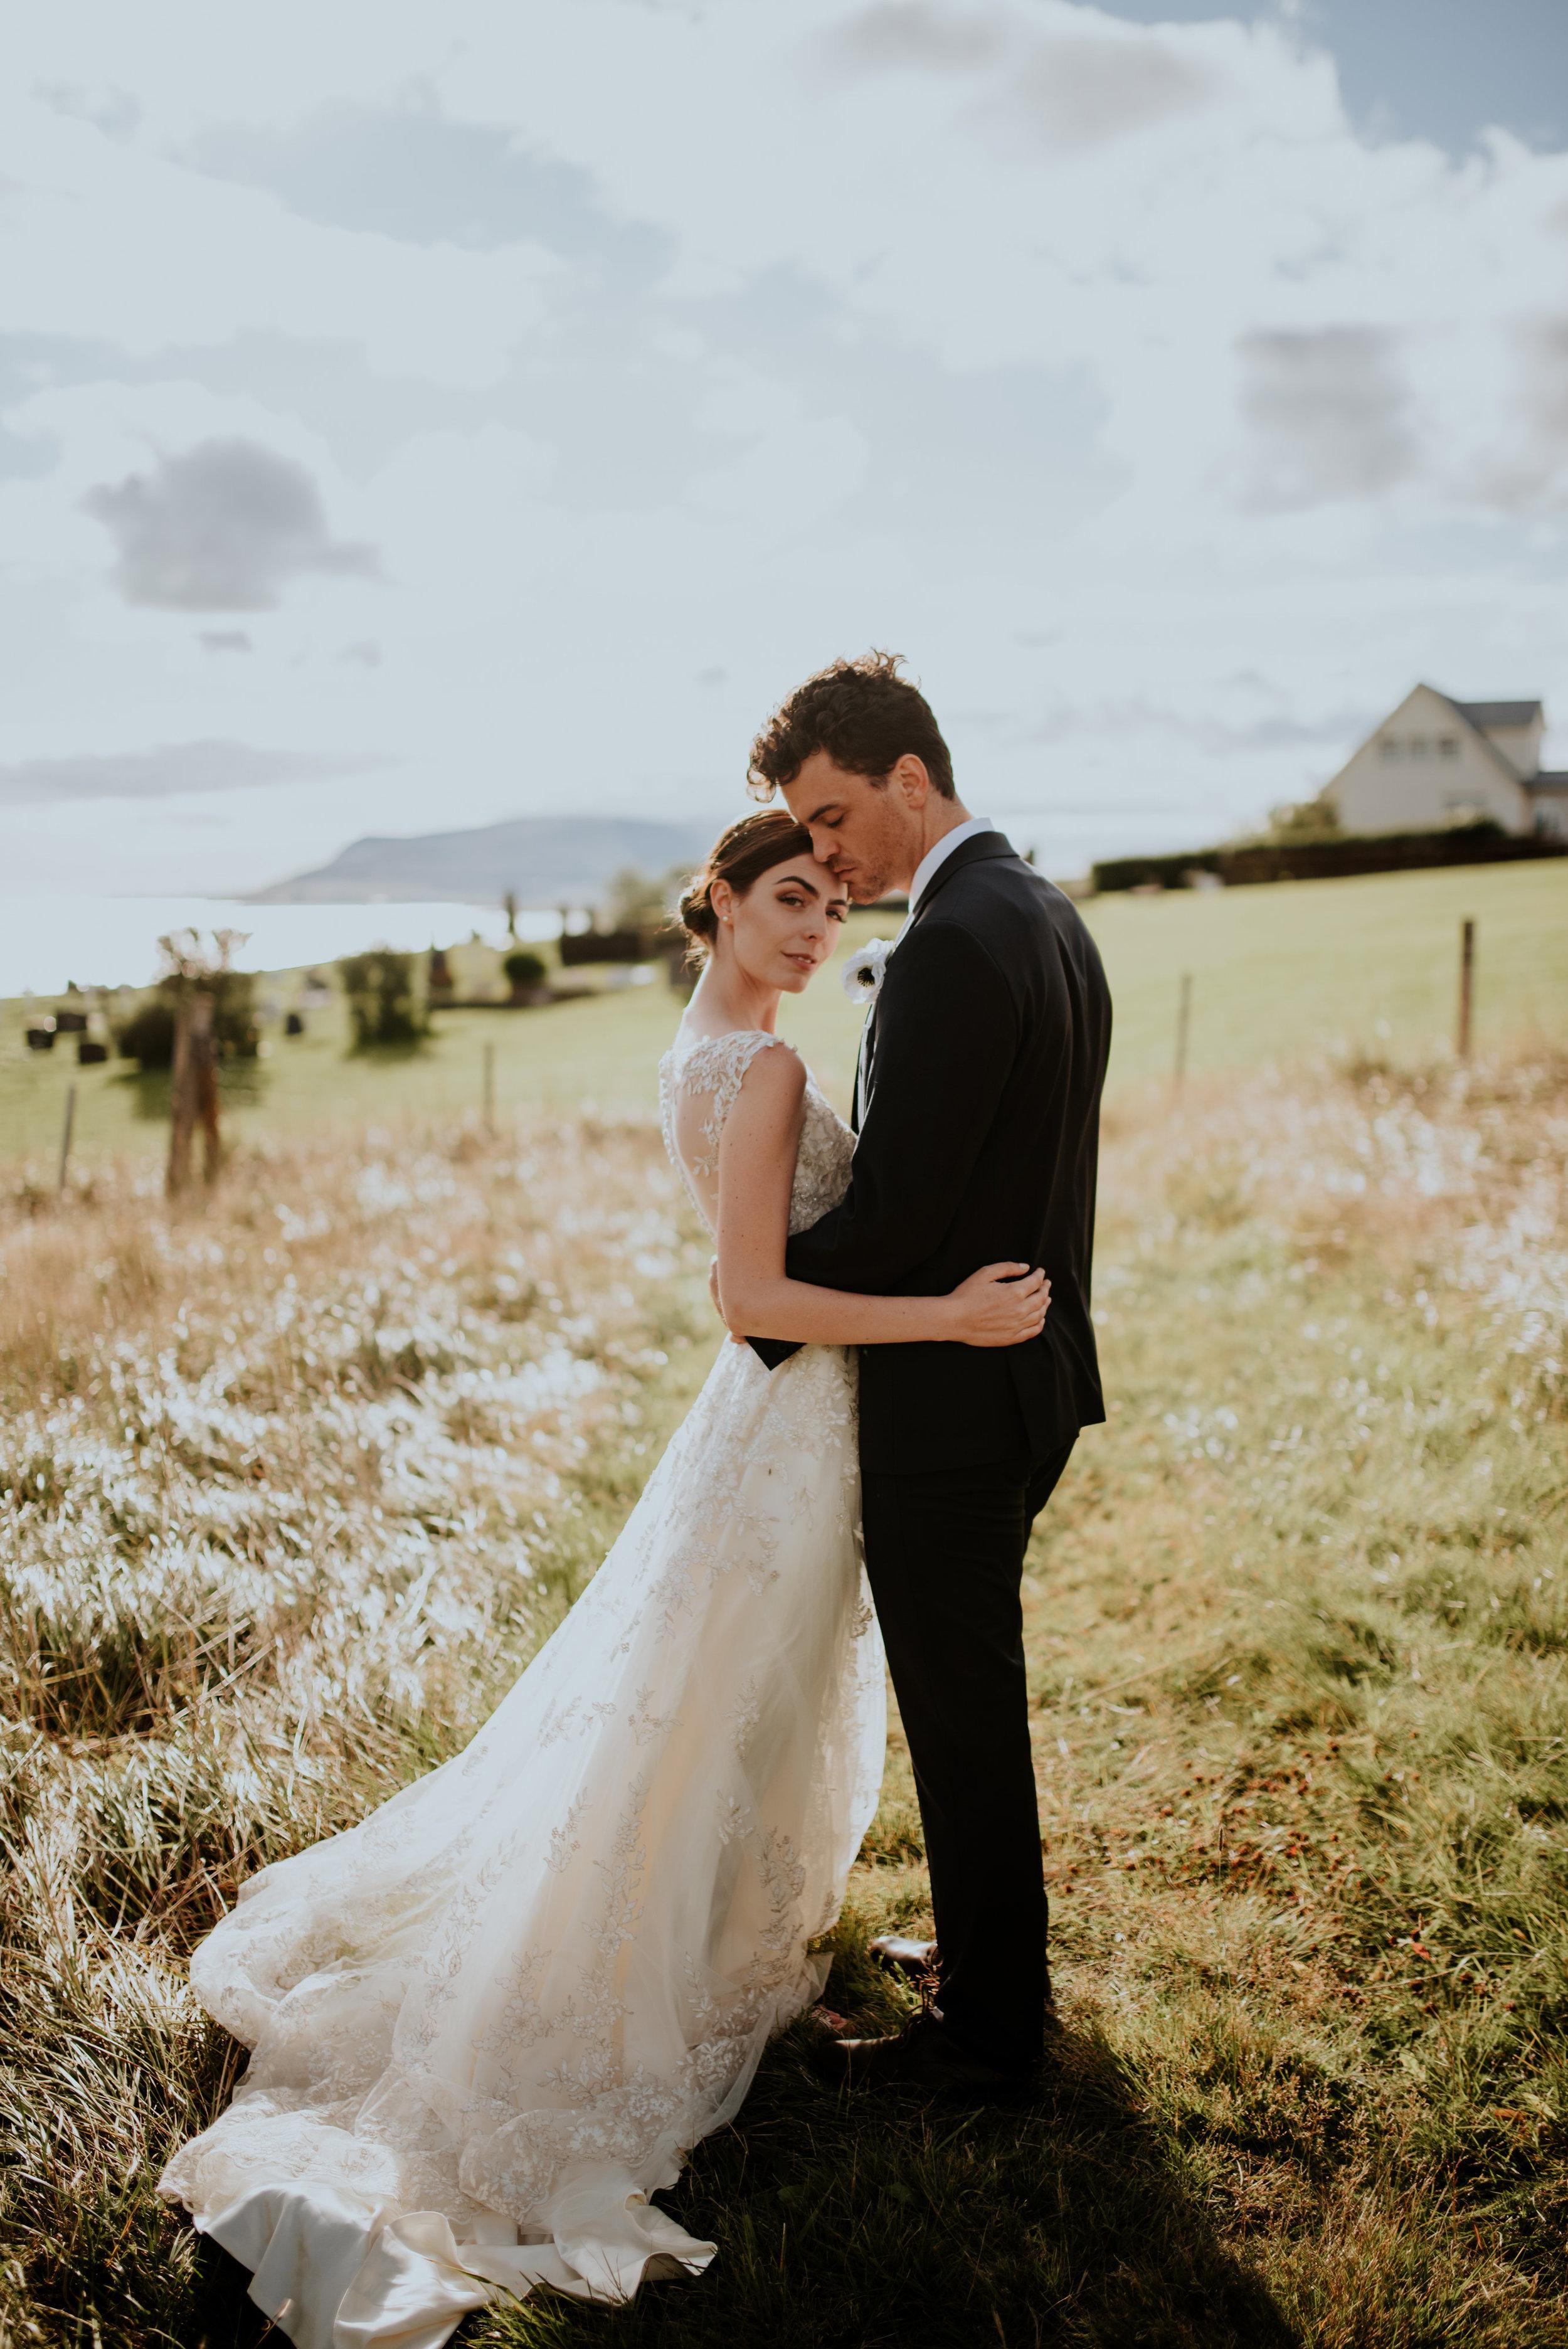 West-Iceland-Destination-Wedding